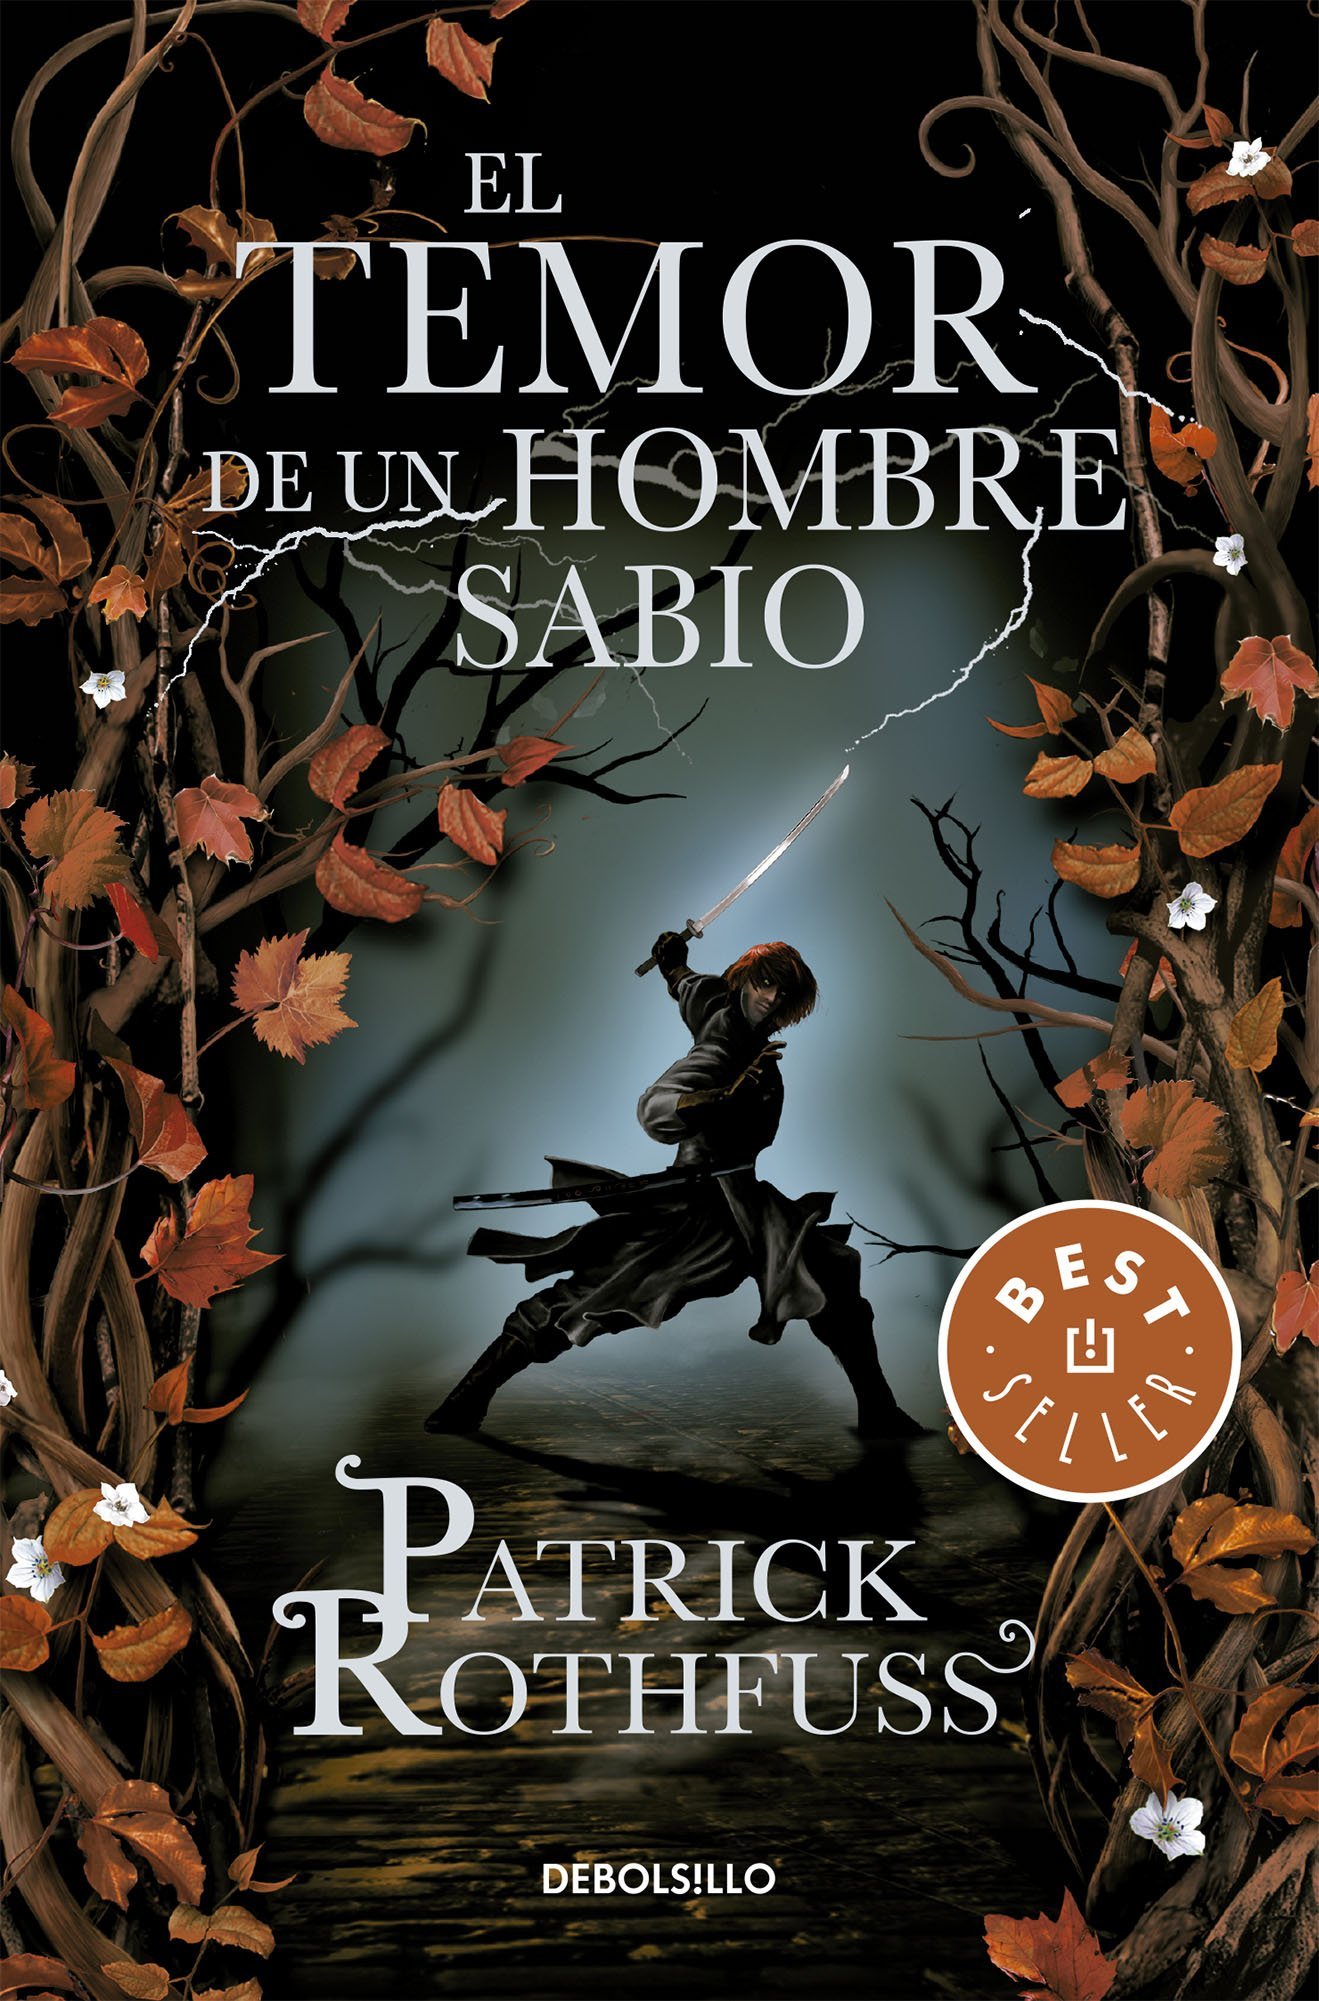 El temor de un hombre sabio: Crónica del Asesino de Reyes: segundo día:  Patrick Rothfuss: Amazon.com.mx: Libros